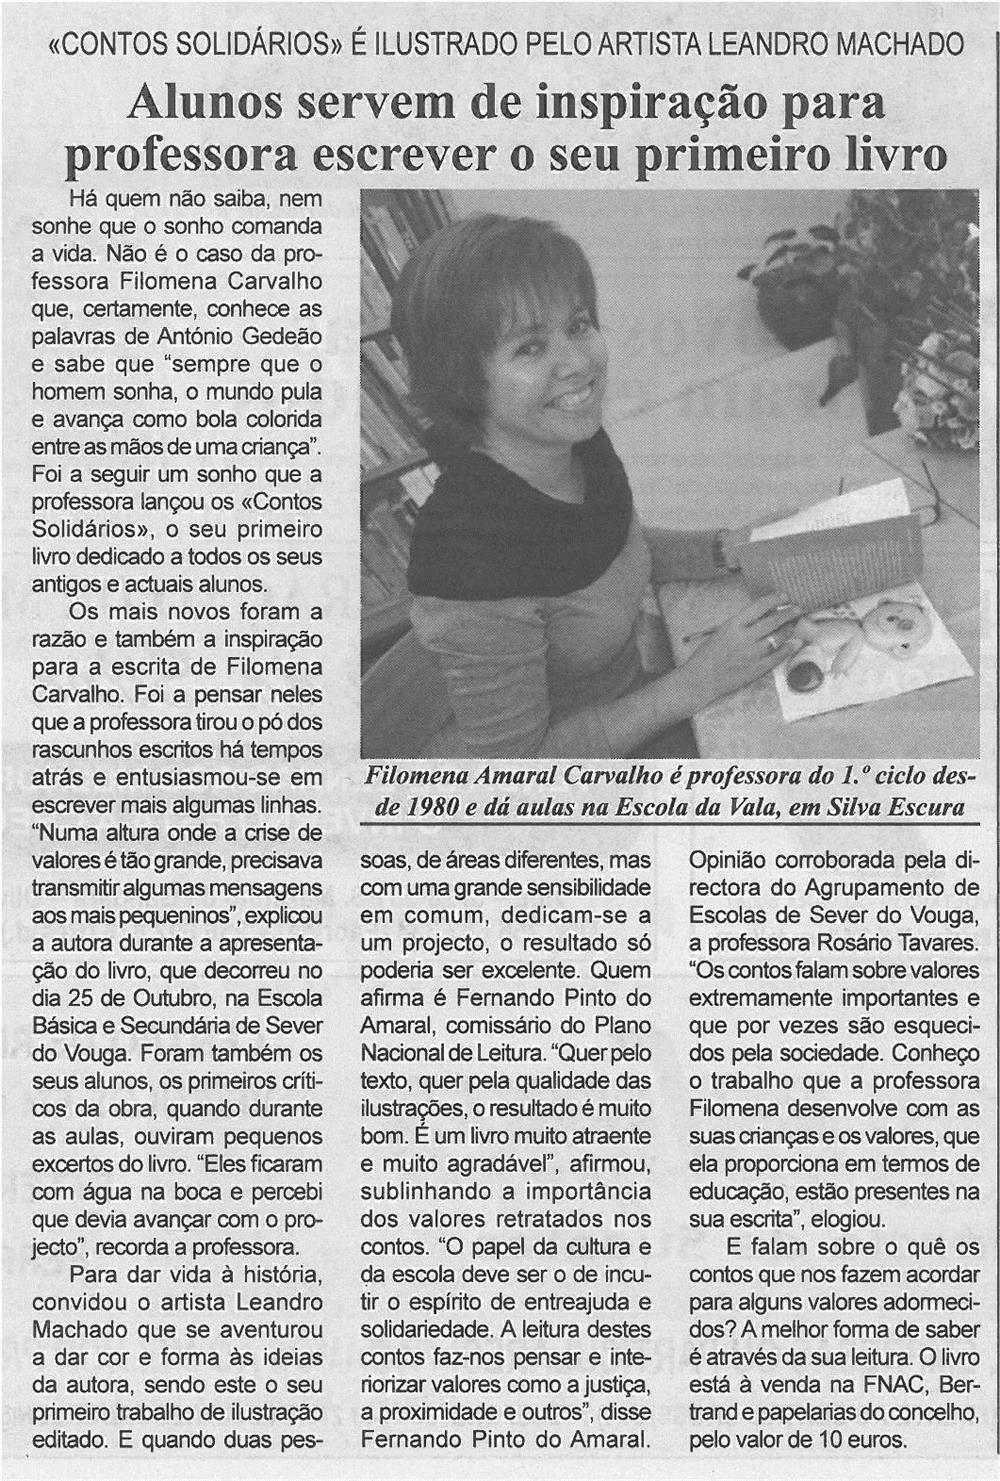 BV-1ªnov'13-p2-Alunos servem de inspiração para professora escrever o seu primeiro livro